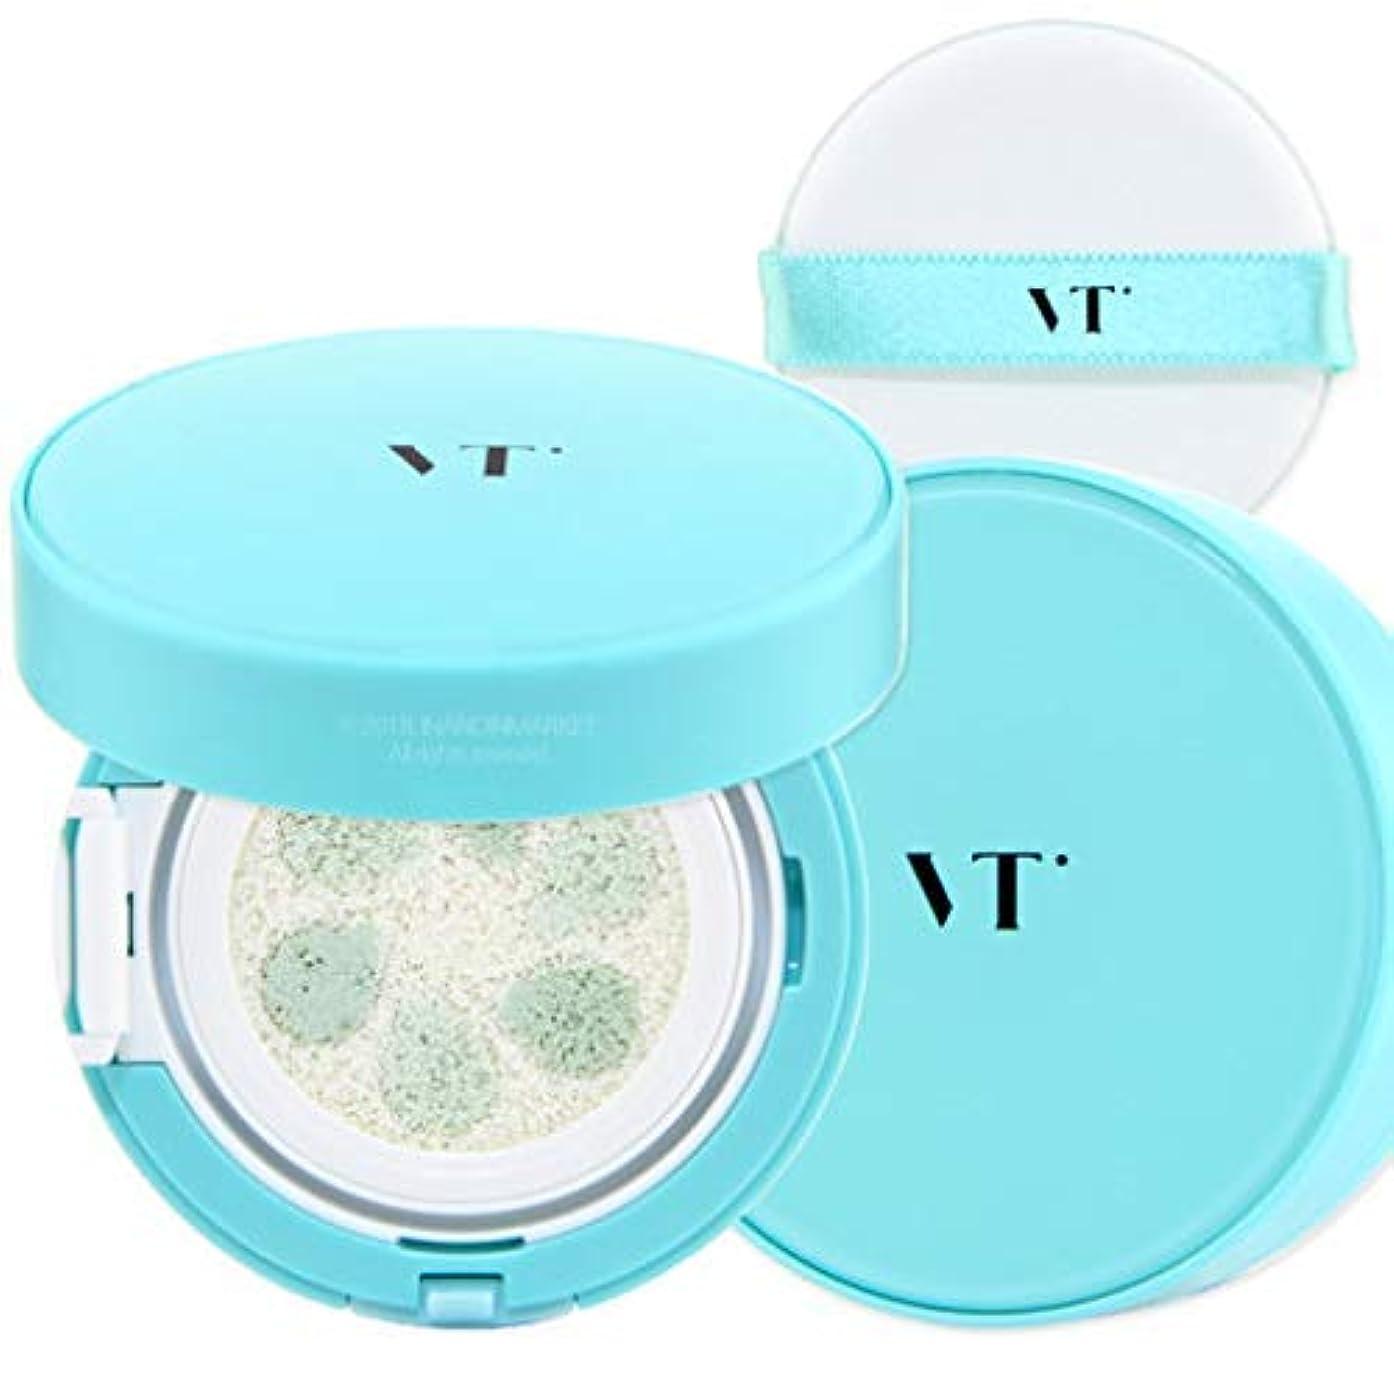 差別化する欠員台無しにVT Cosmetic Phyto Sun Cushion サンクッション 本品11g, SPF50+/PA++++